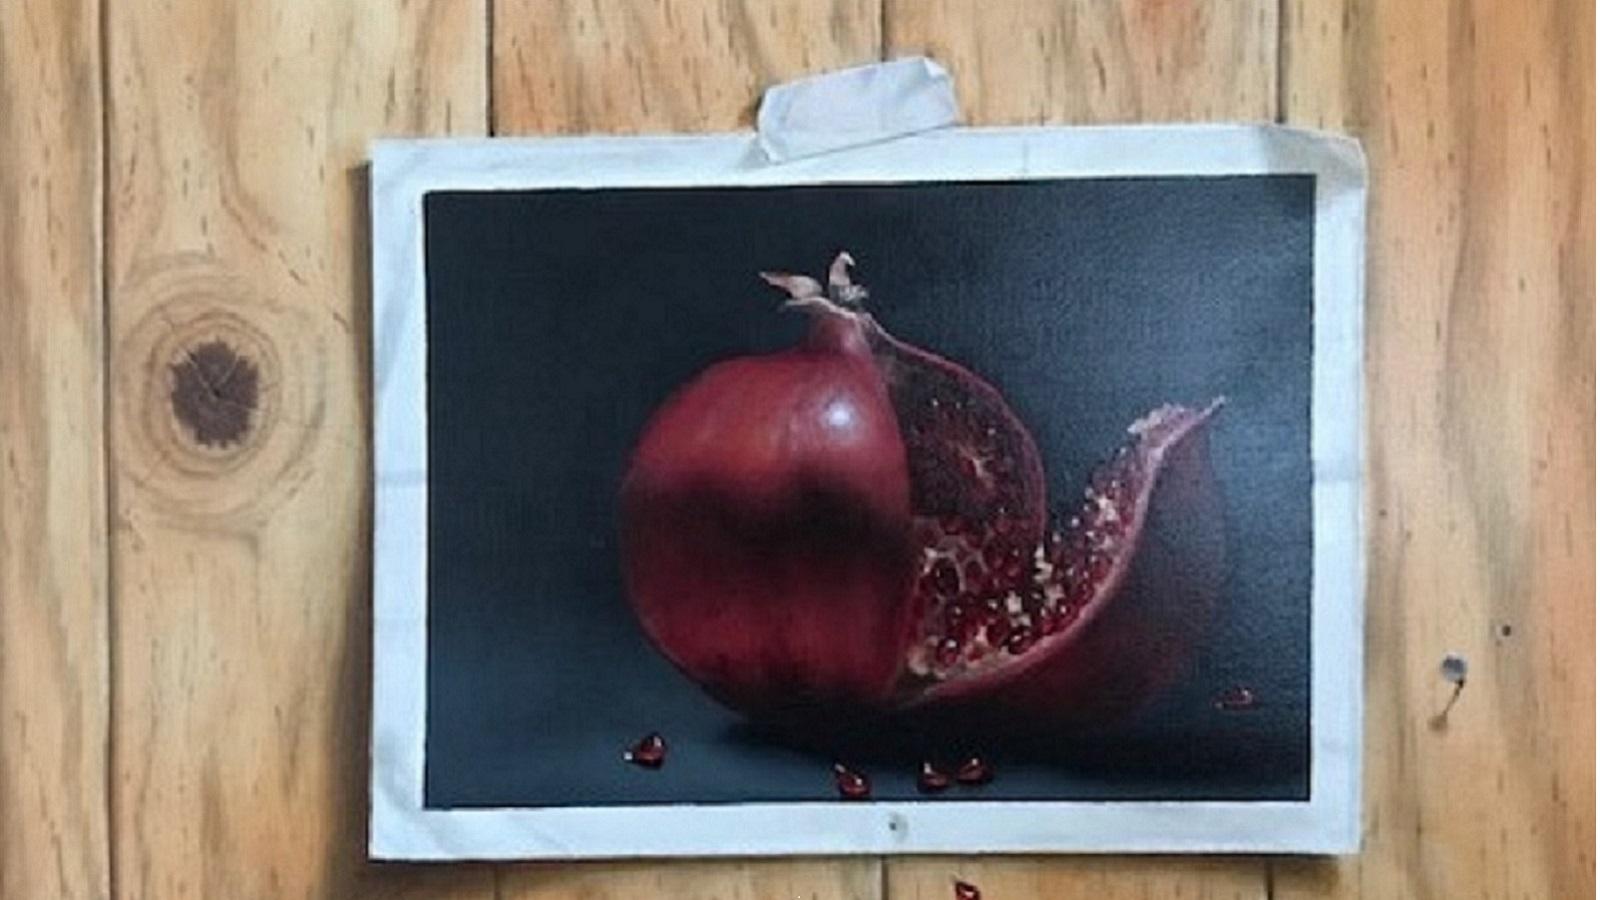 Phobos' Pomegranates